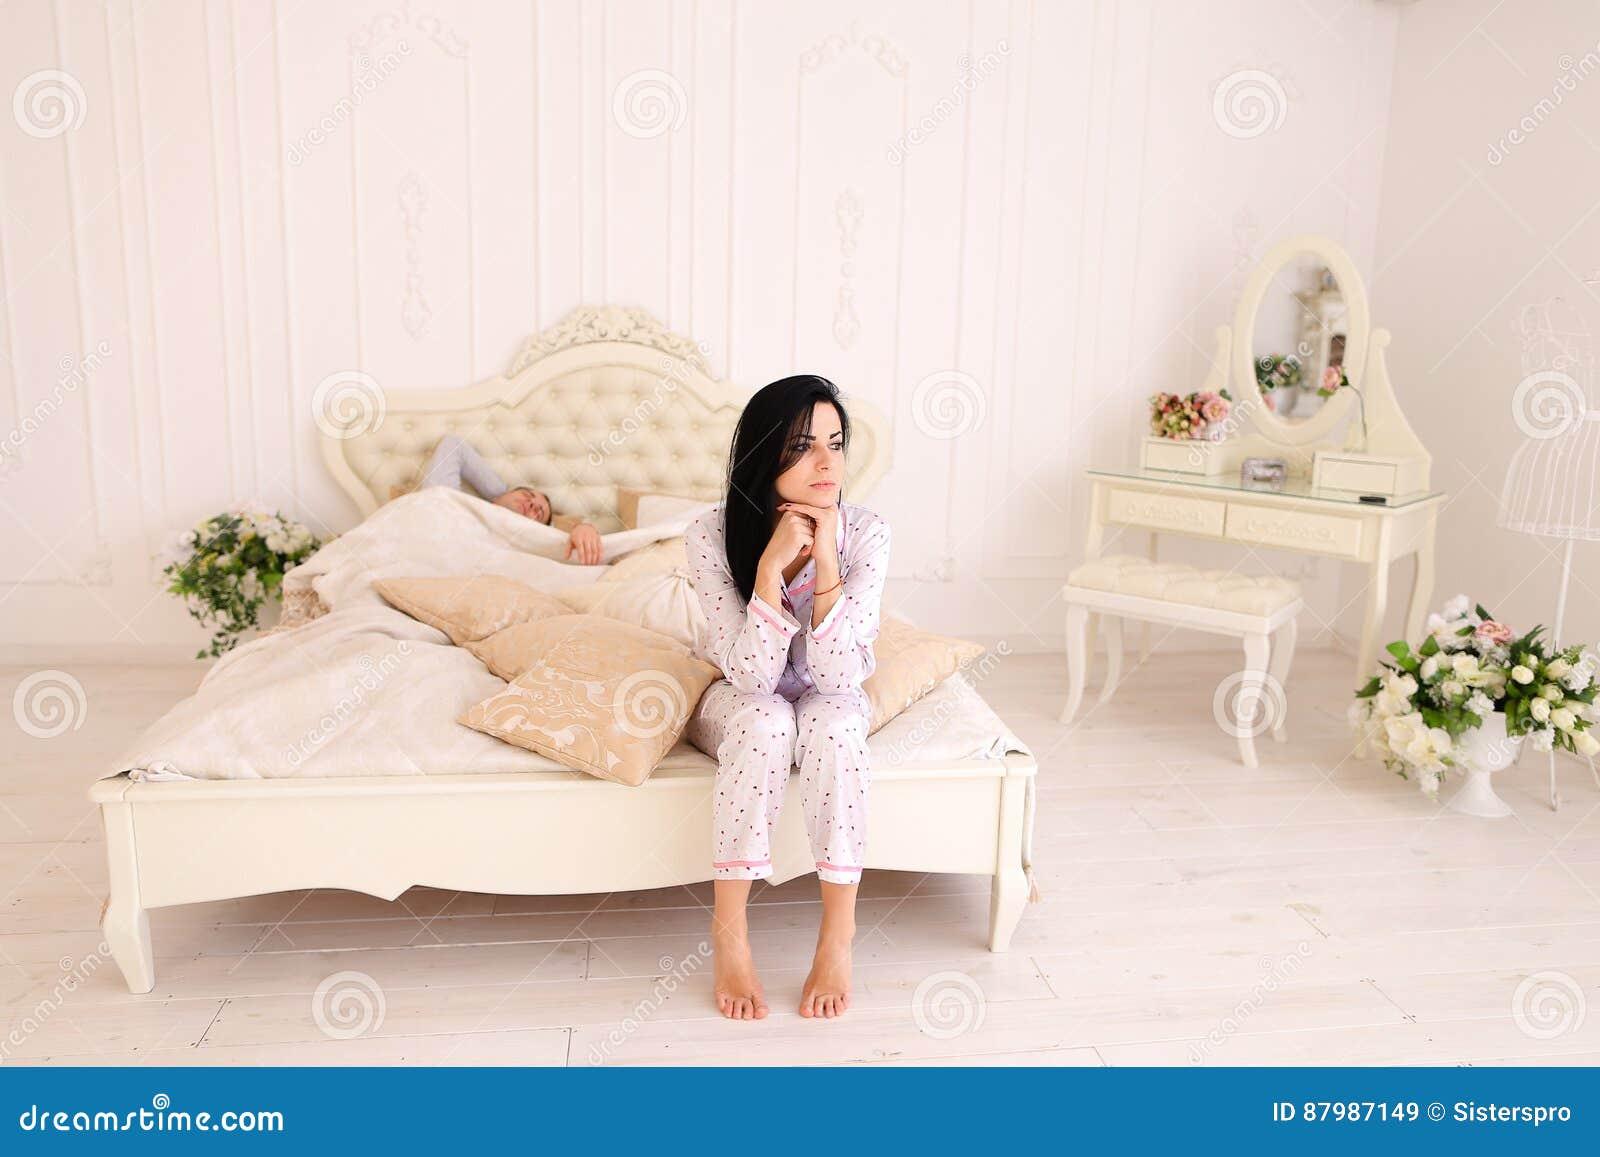 m dchen weckt wei es bett des kerlmorgens im raum auf stockbild bild von internet haupt 87987149. Black Bedroom Furniture Sets. Home Design Ideas